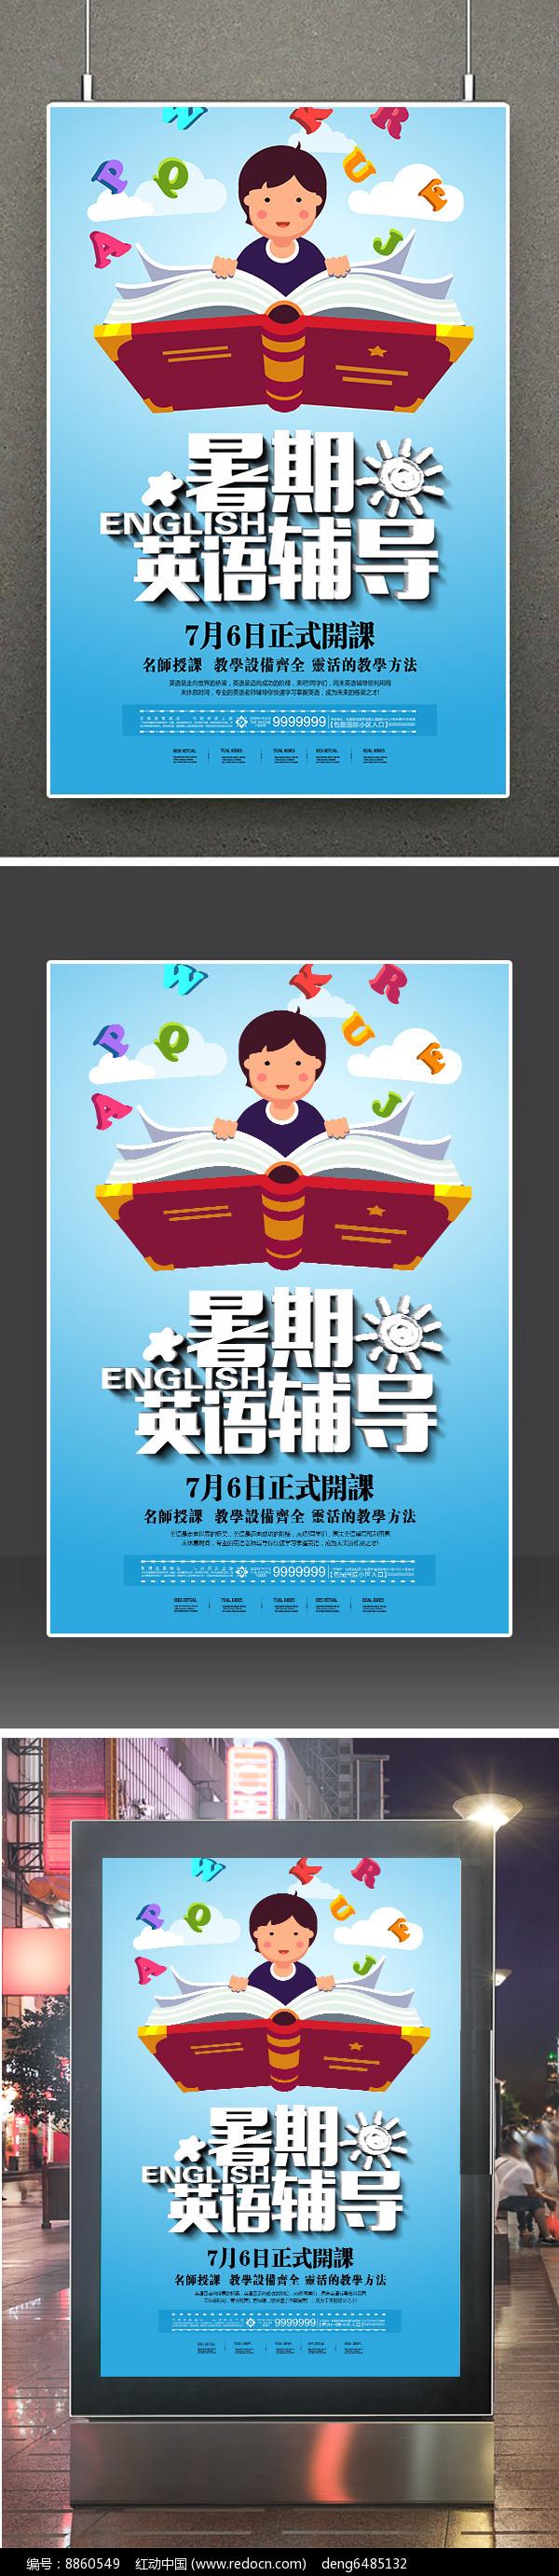 暑期英语辅导培训招生海报图片